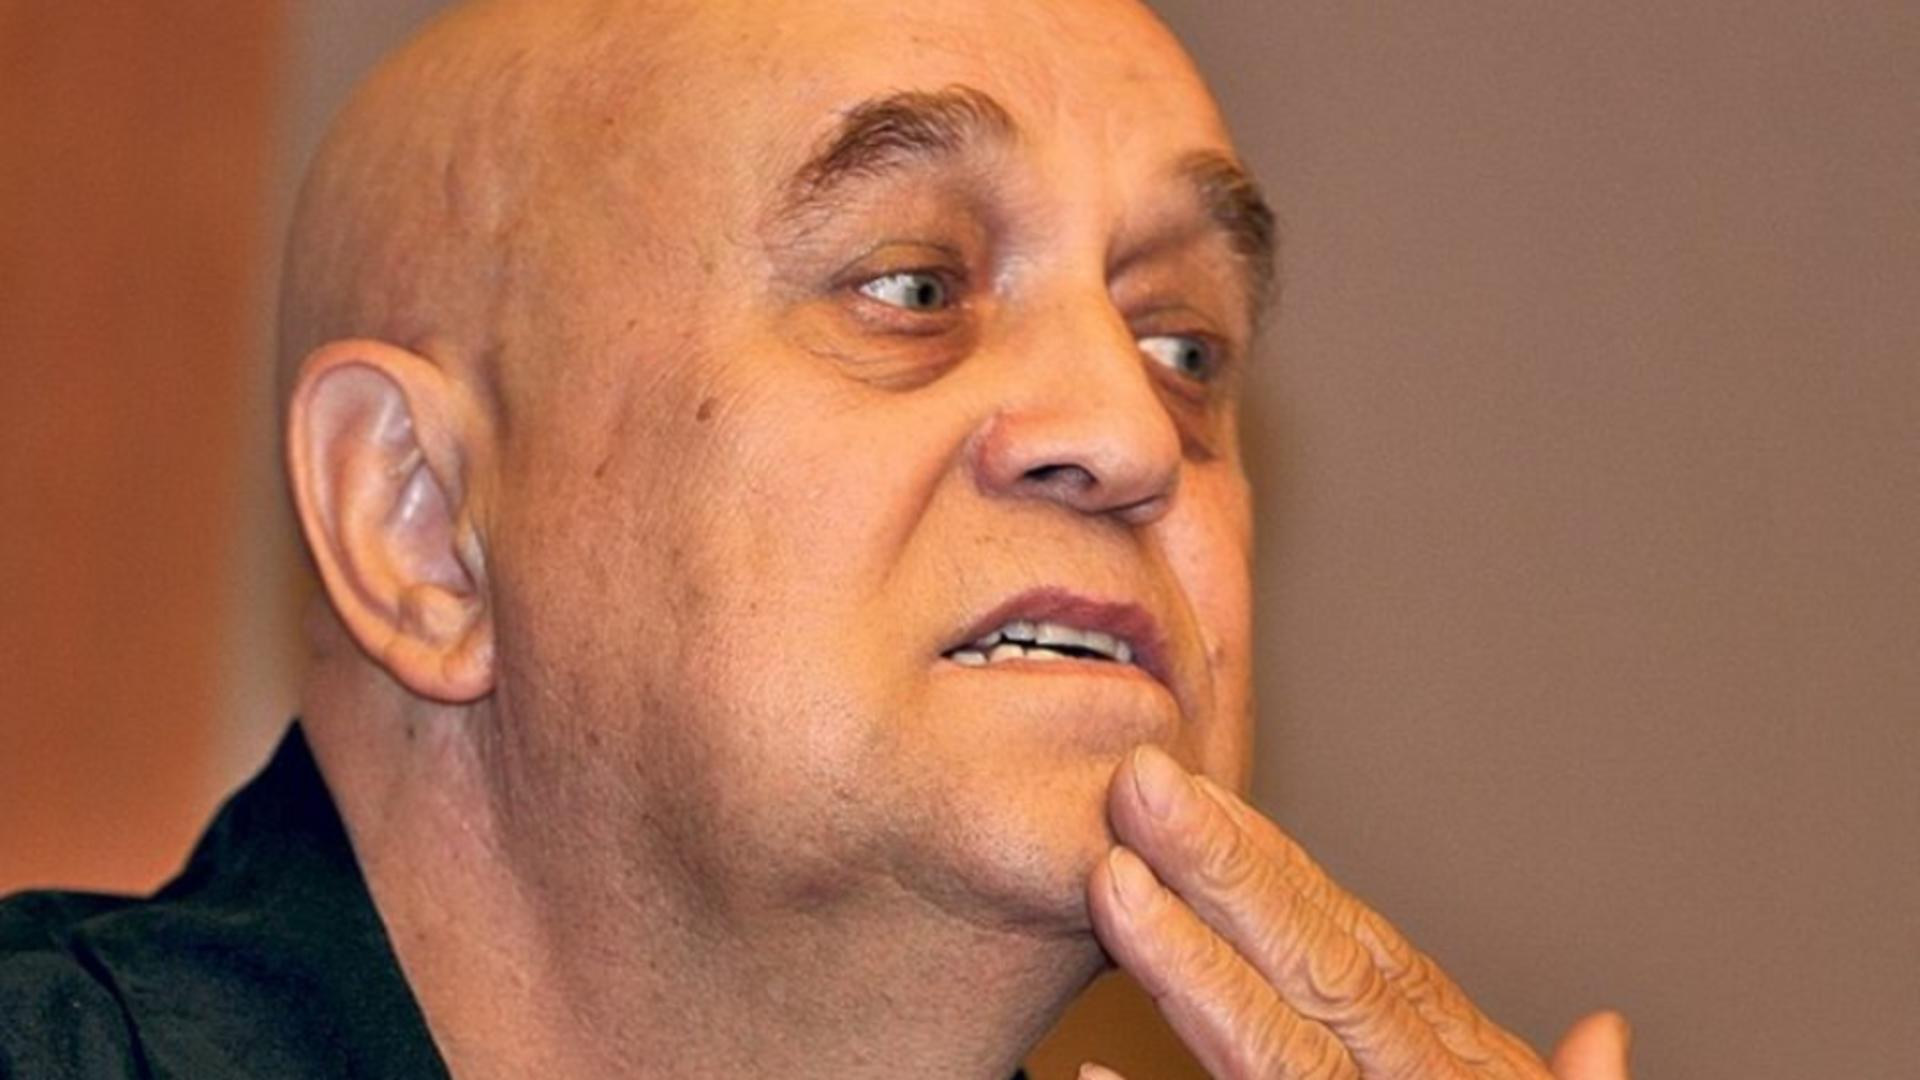 Benone Sinulescu